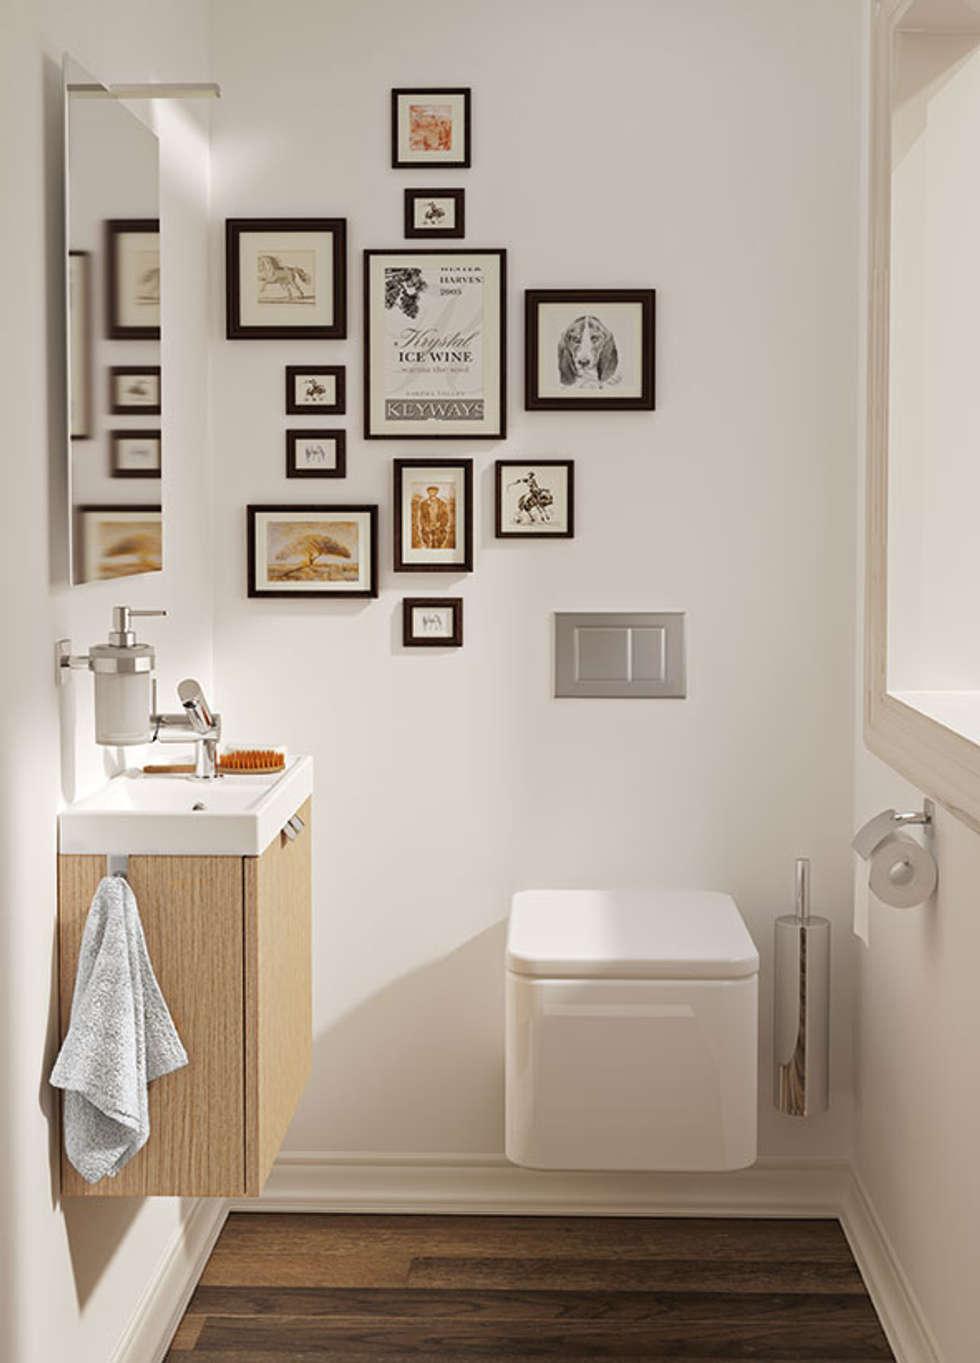 Fotos de decoraci n y dise o de interiores homify - Altura mueble bano ...